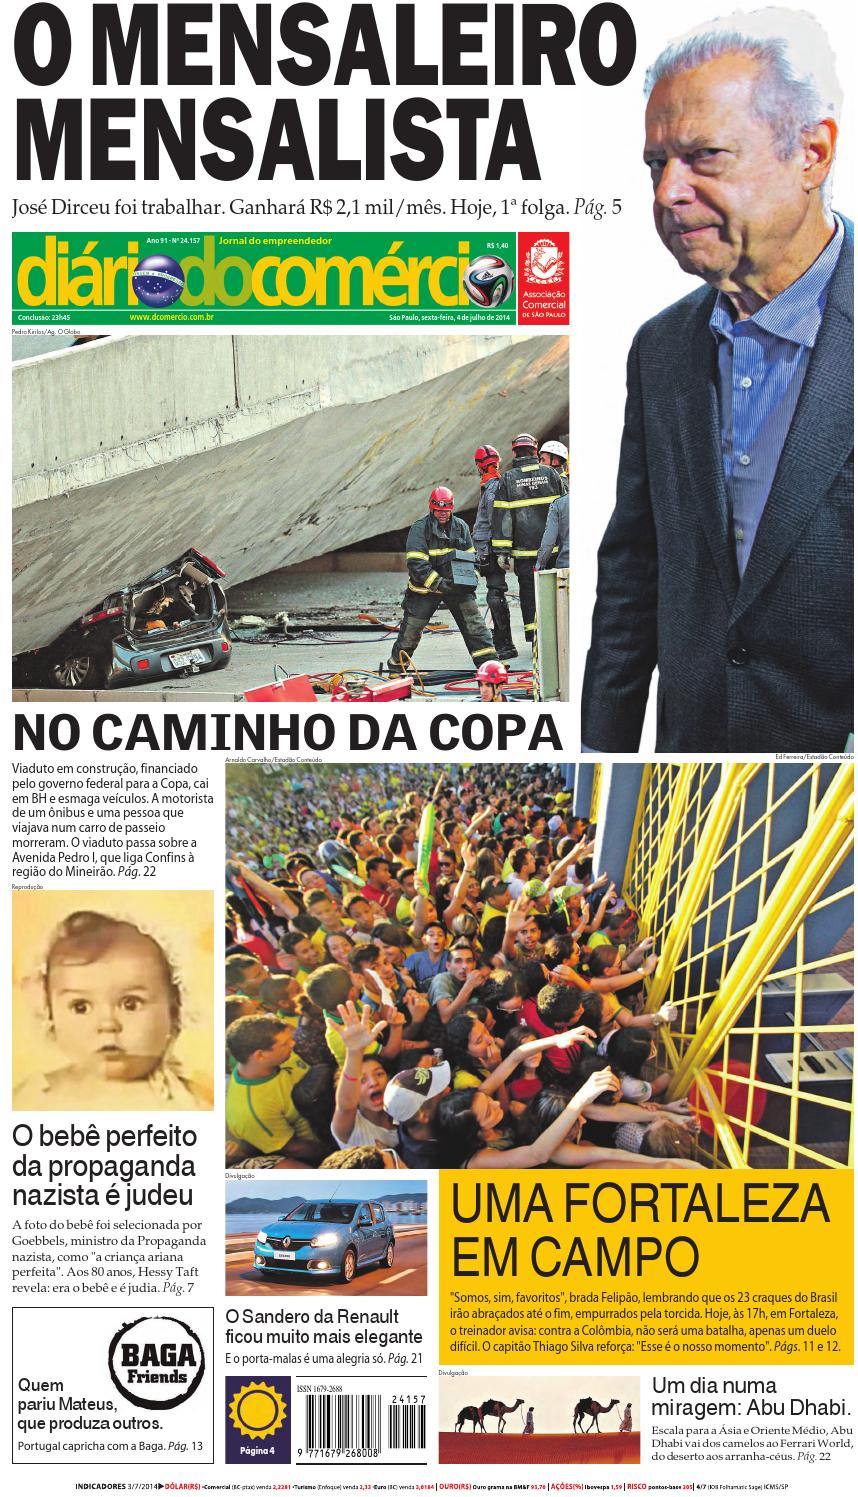 4e3e5c4201 Diário do Comércio - 04 07 2014 by Diário do Comércio - issuu